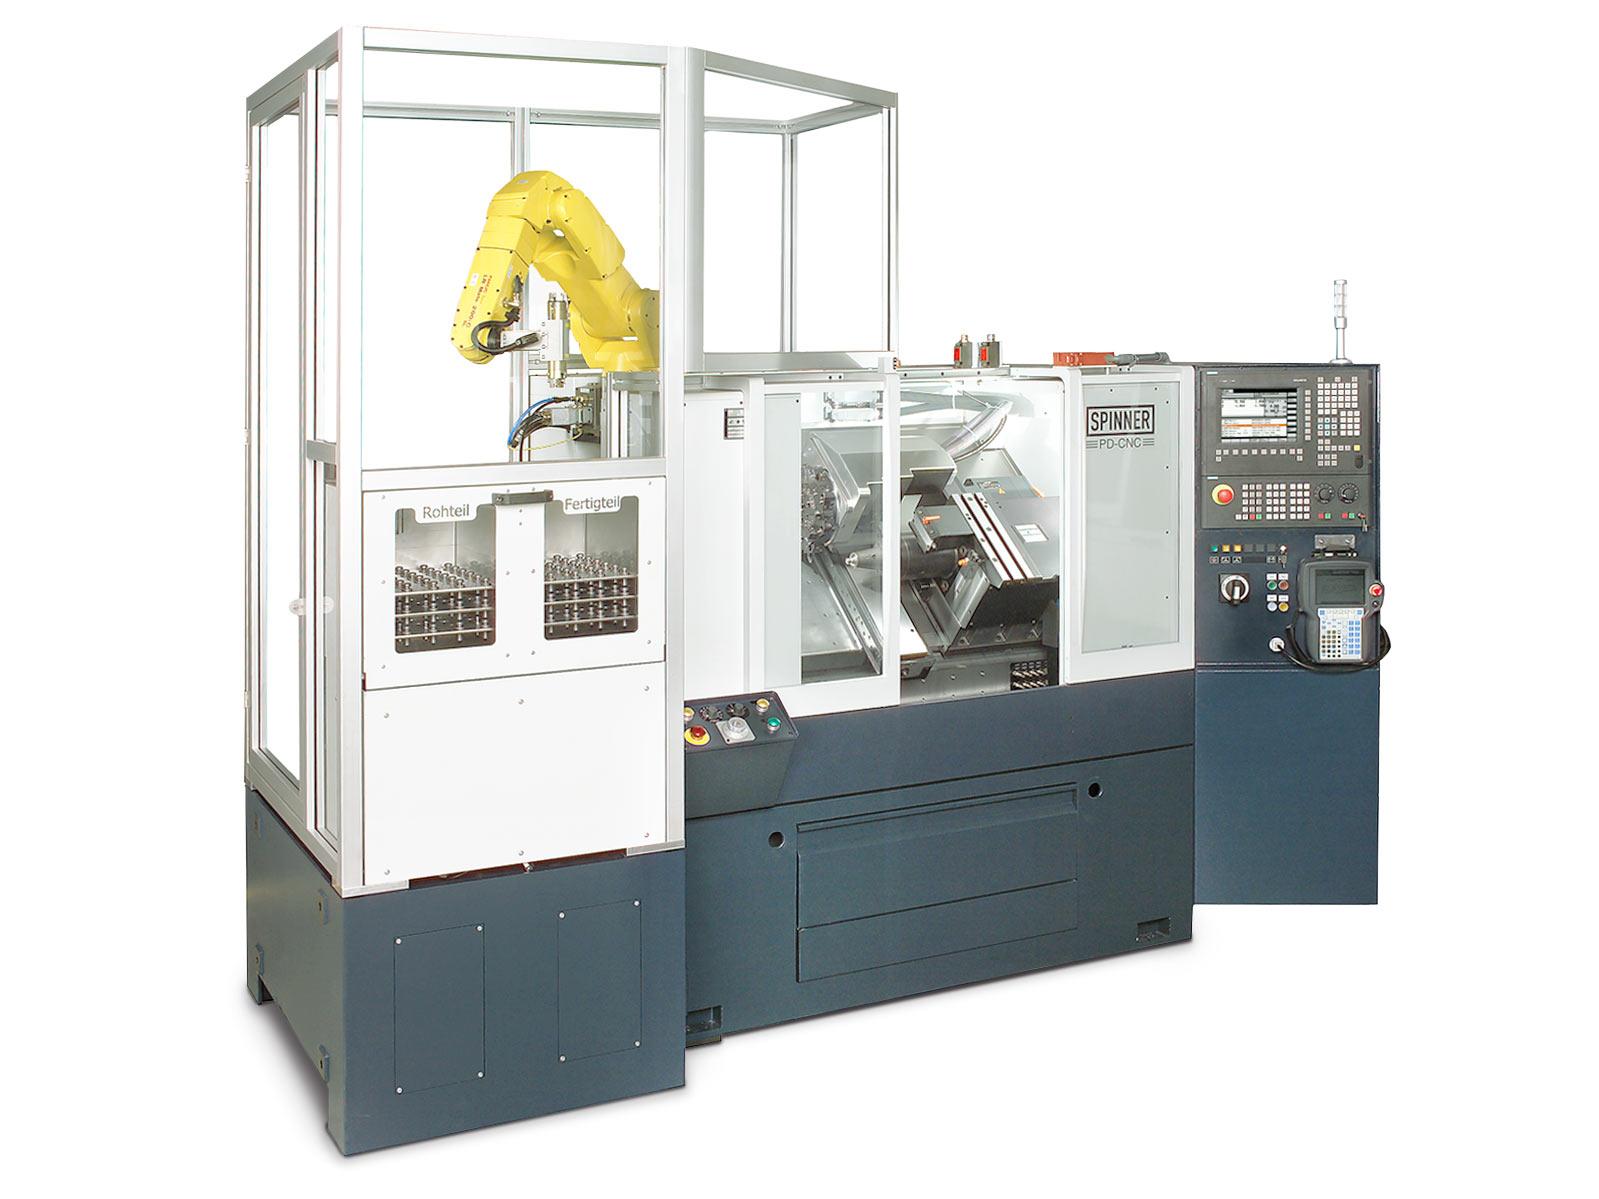 Spinner AG - Ultrapräzisionsdrehmaschine PD - Roboter extern